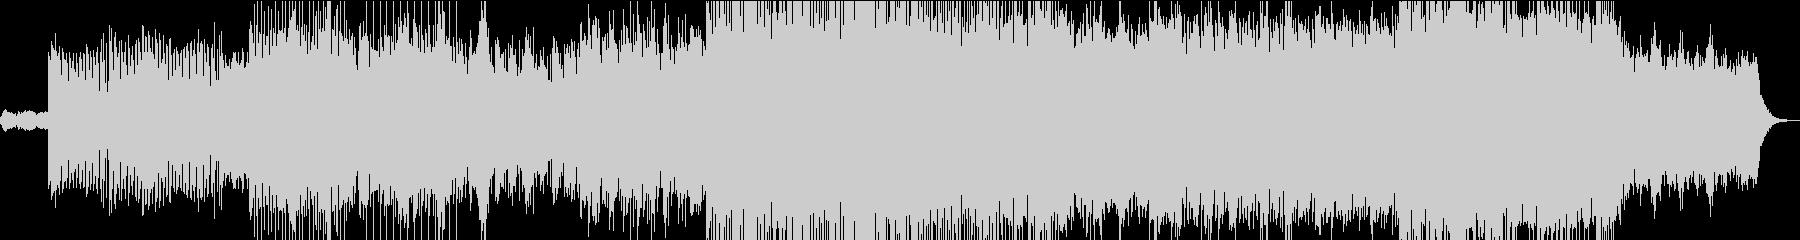 リフレインが印象的に響くテクノPOPの未再生の波形